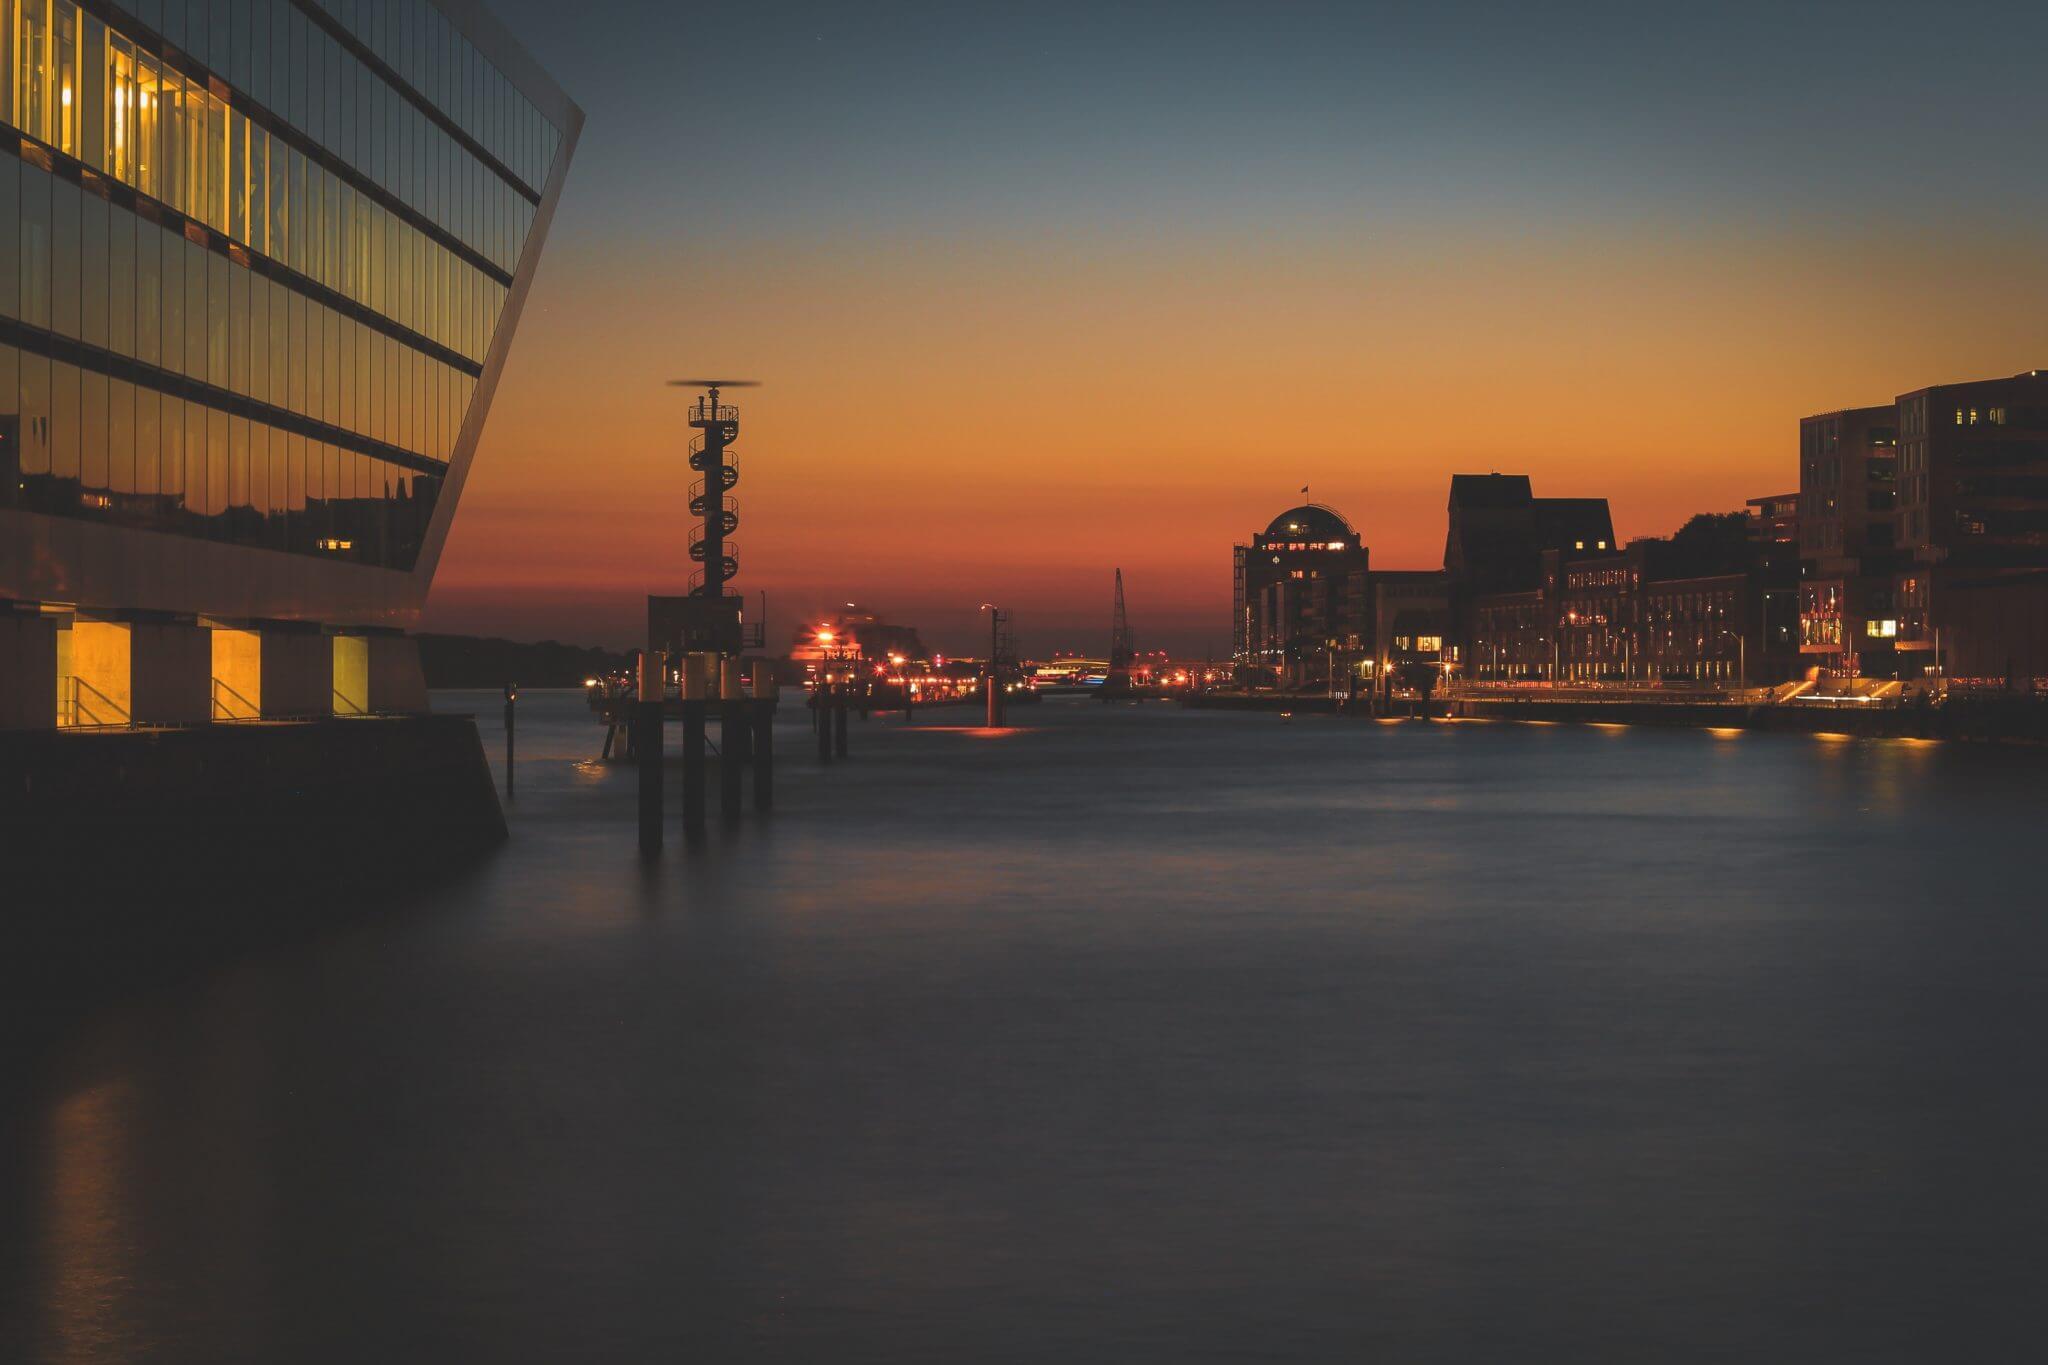 Ein Bild von den Landungsbrücken in Hamburg bei schönem Wetter und einem Sonnenuntergang